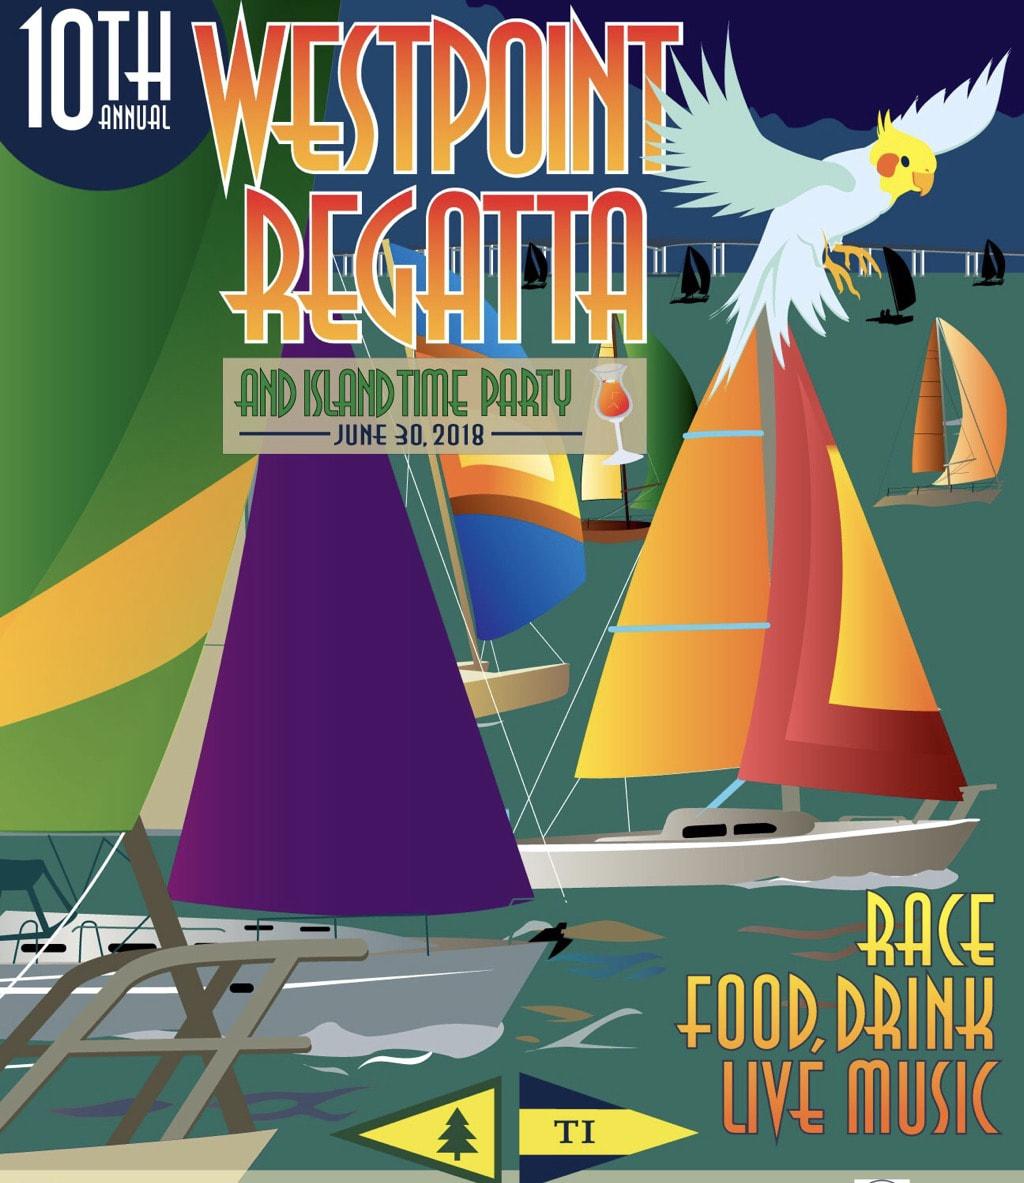 Westpoint Sailing Regatta